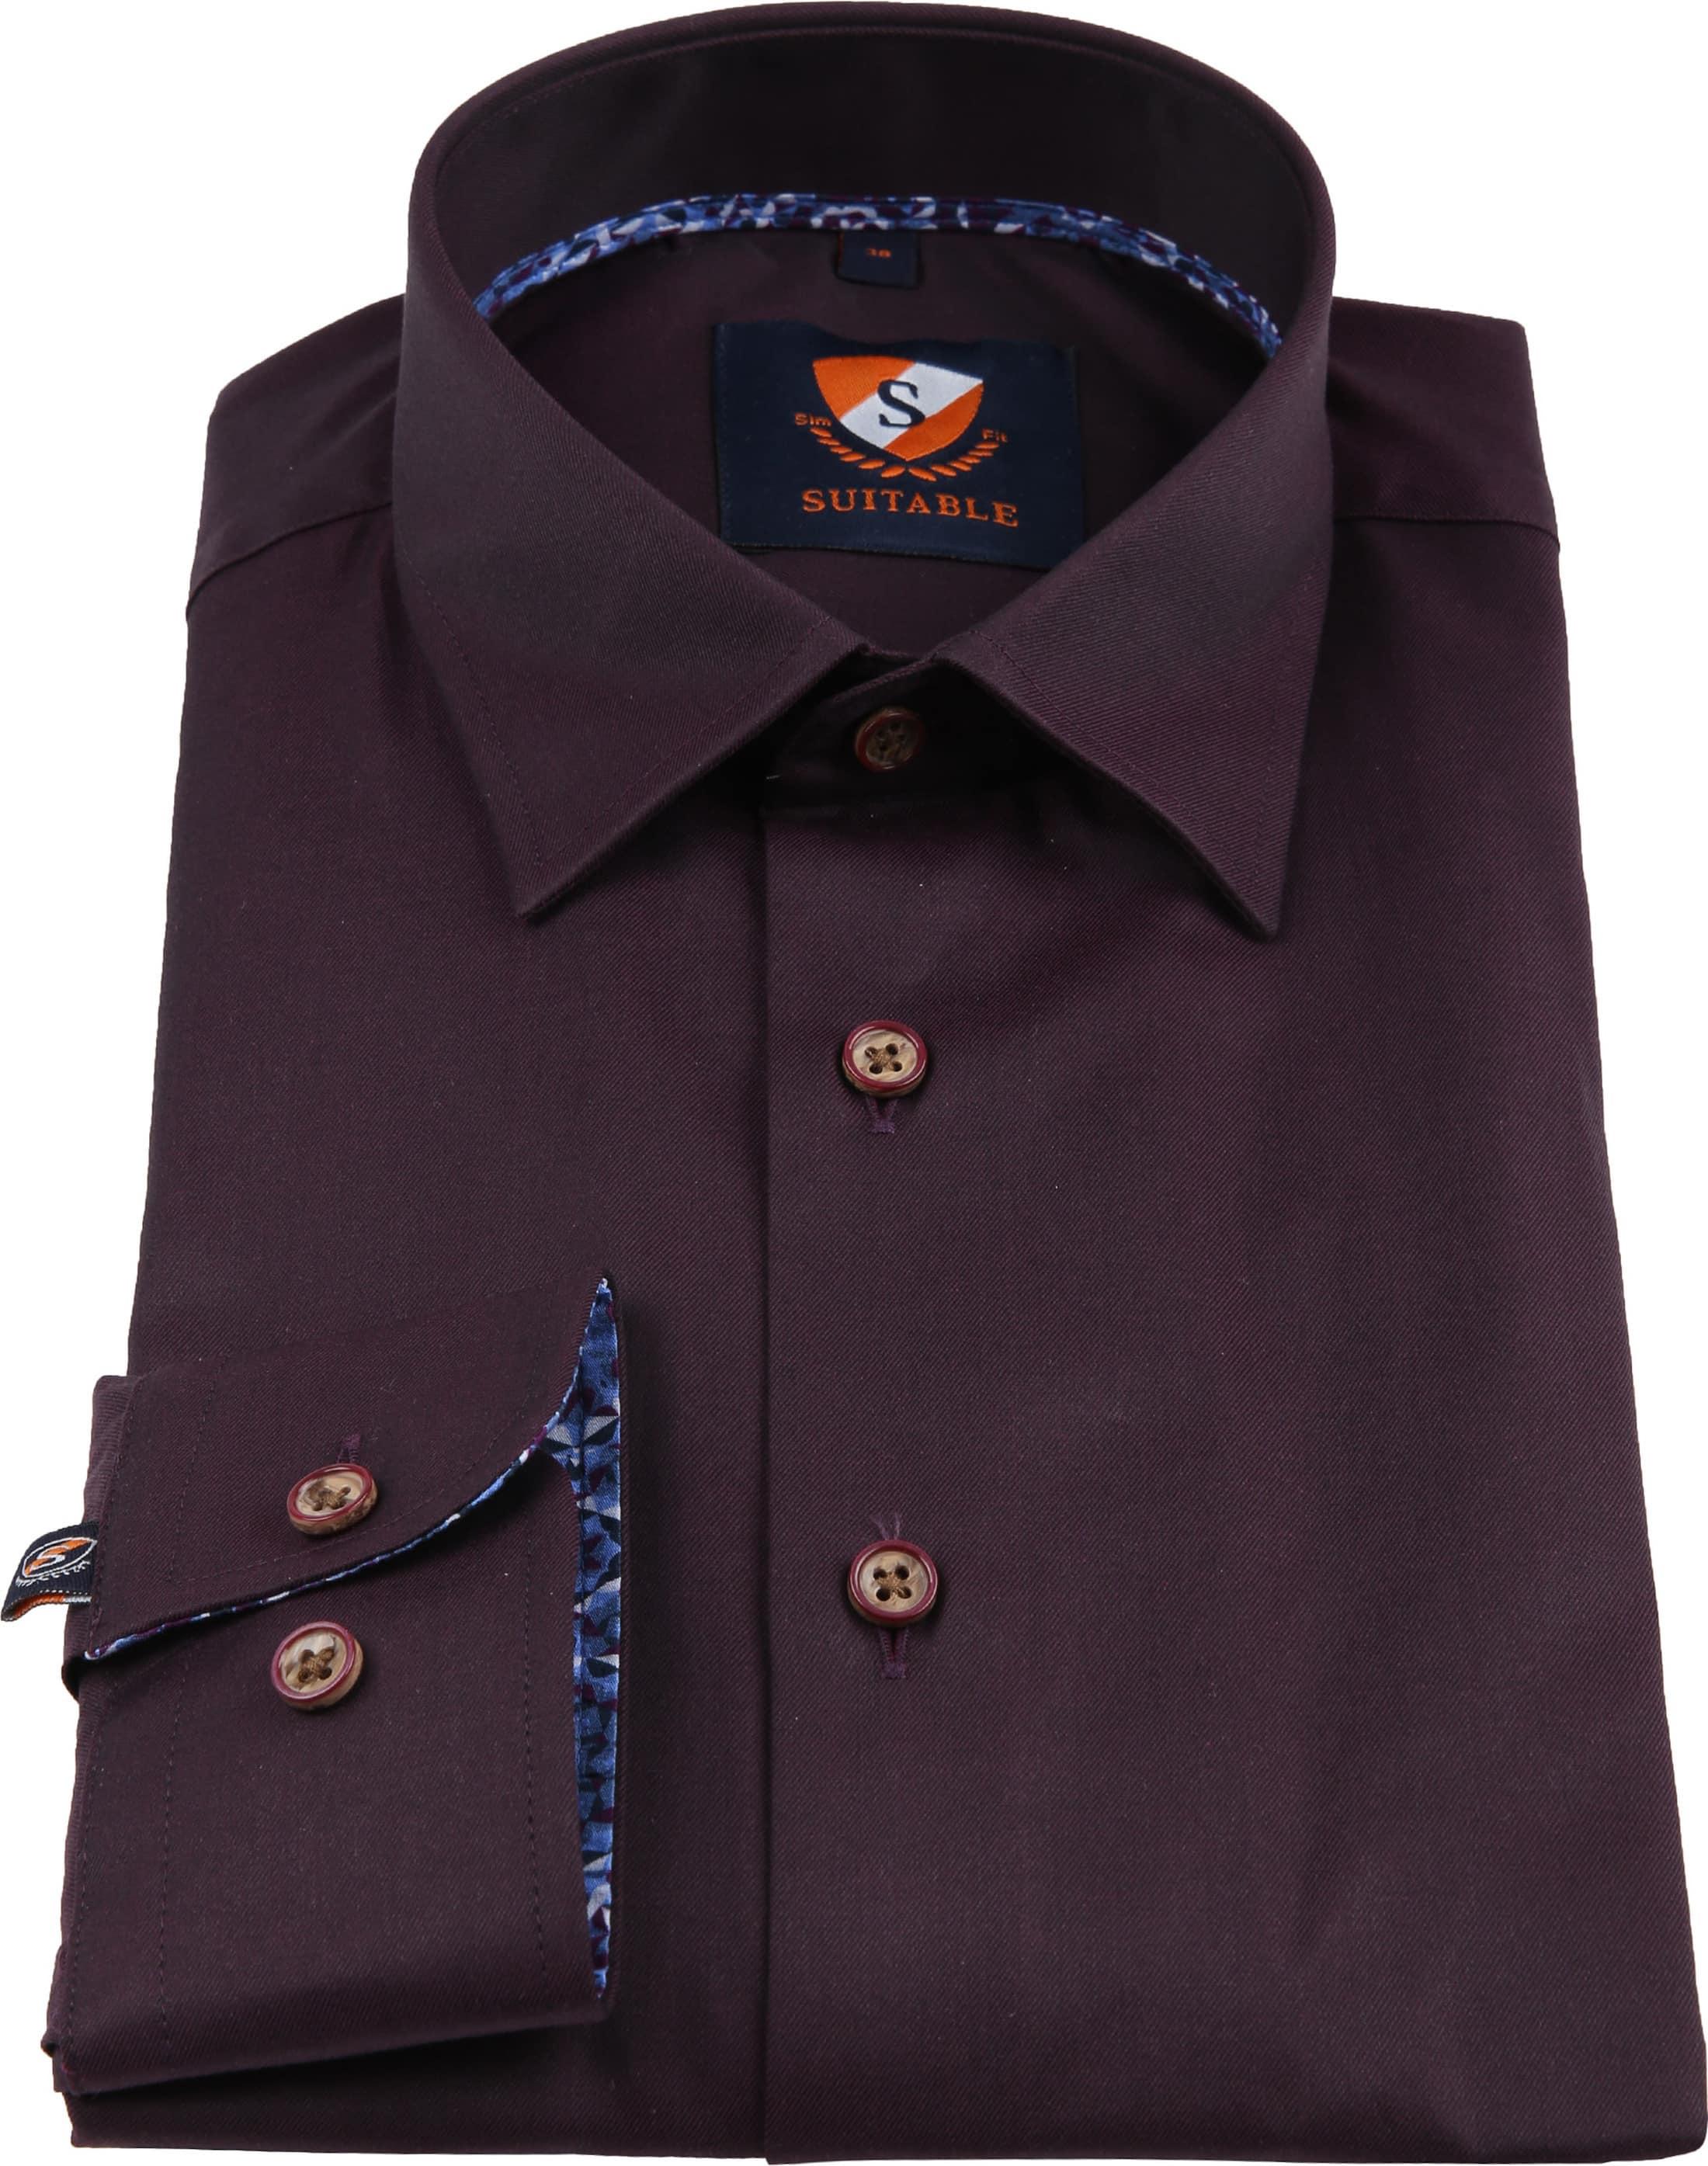 Suitable Overhemd Bordeaux 188-5 foto 2